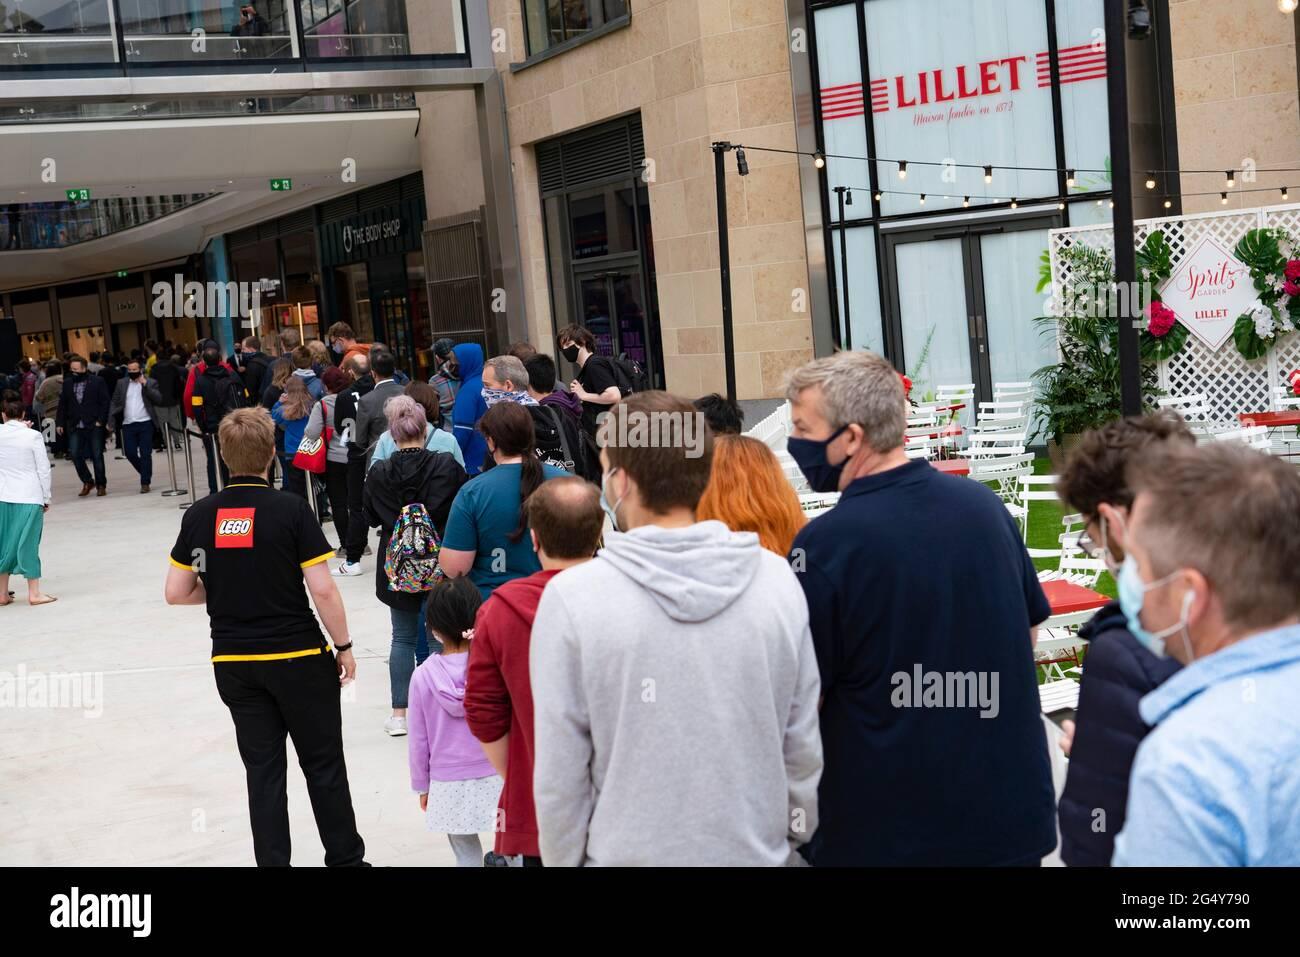 Edinburgh, Schottland, Großbritannien. 20. Juni 20. Erste Bilder ...